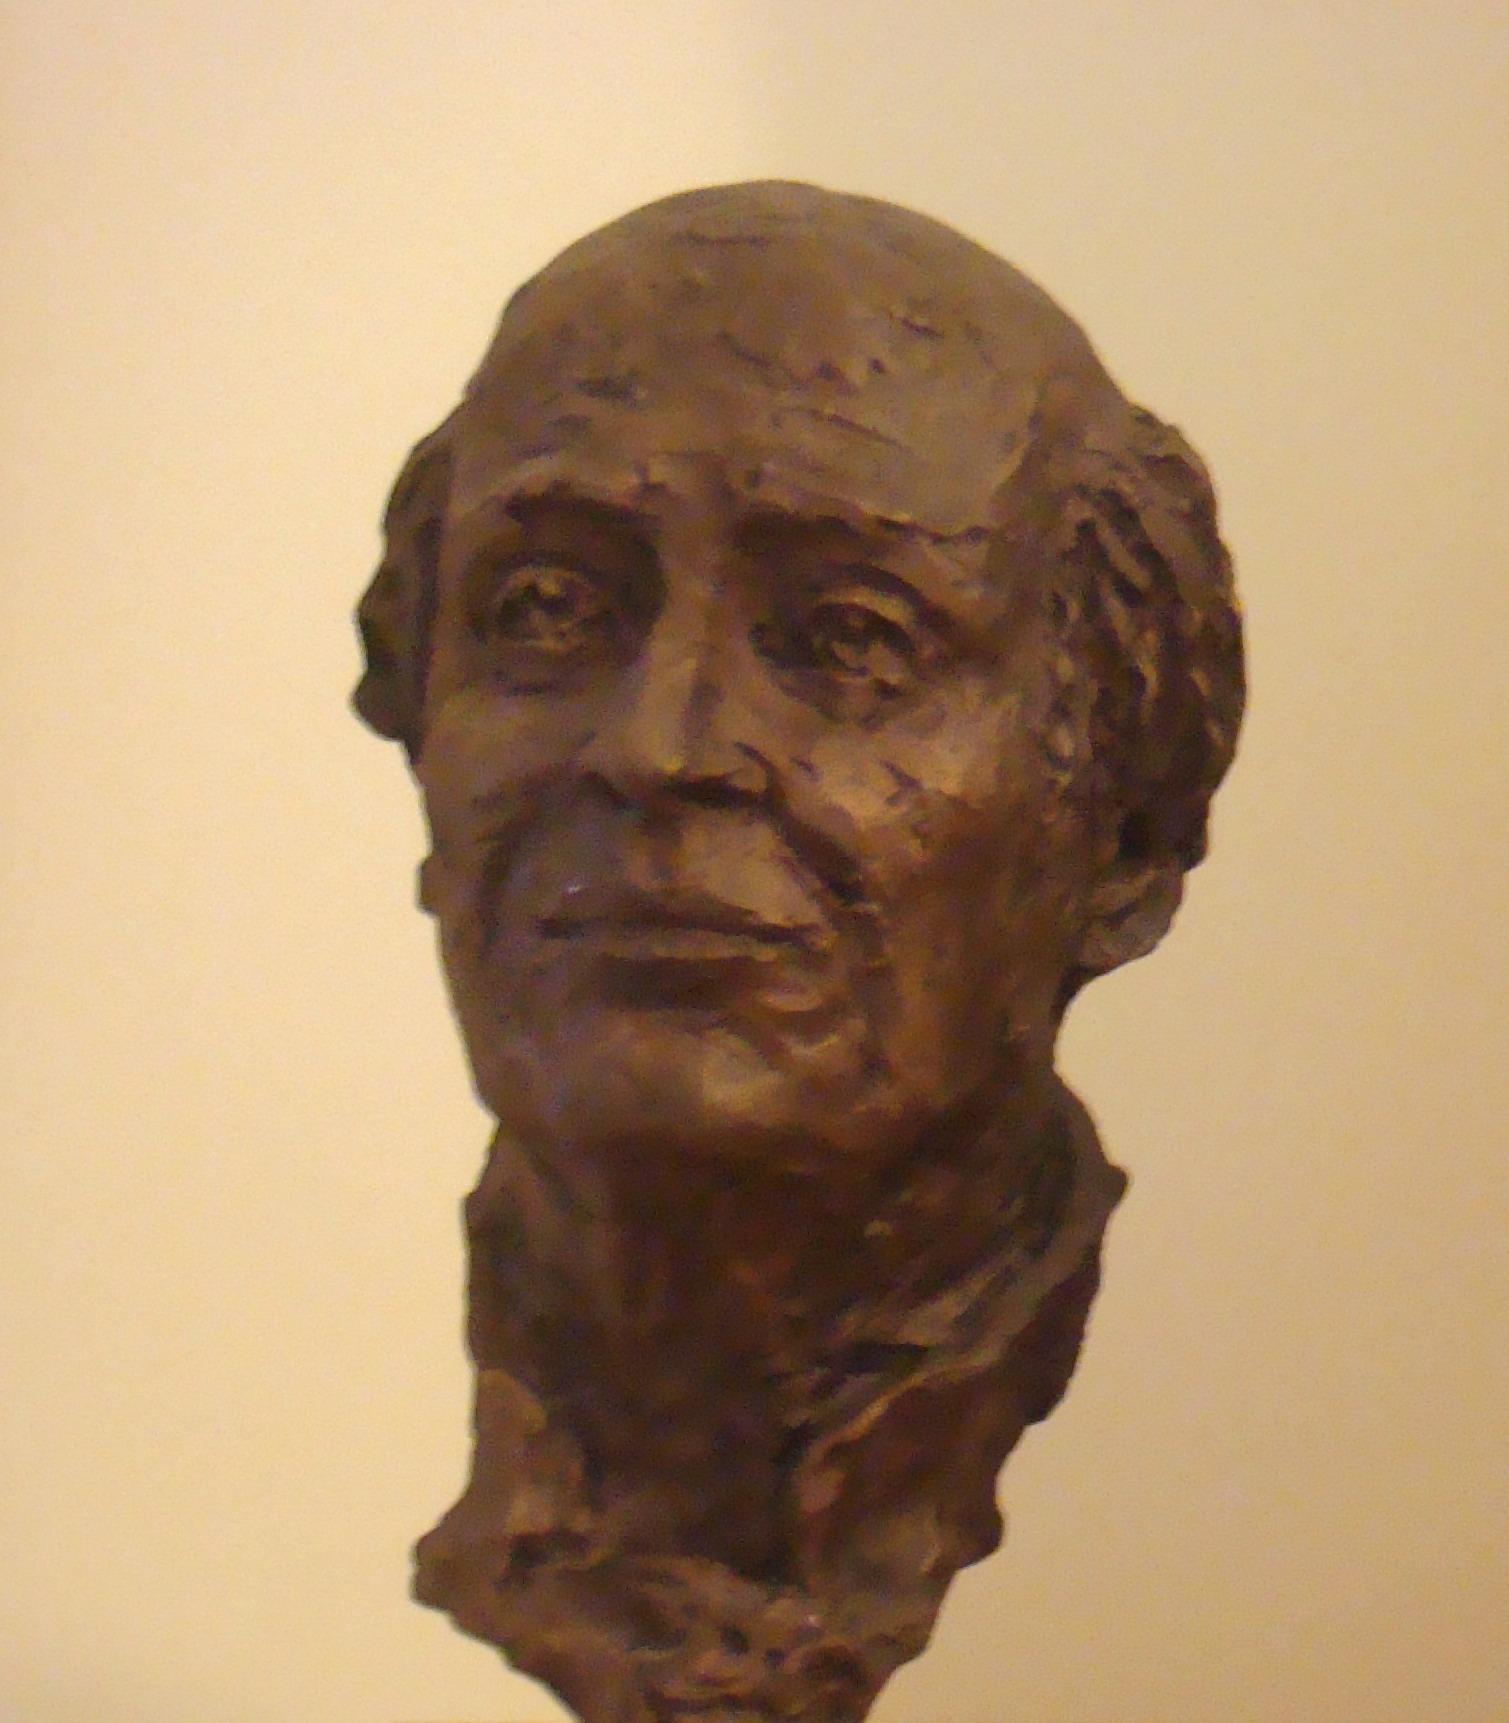 Берт Хеллингер. Психотерапевт, философ. Германия